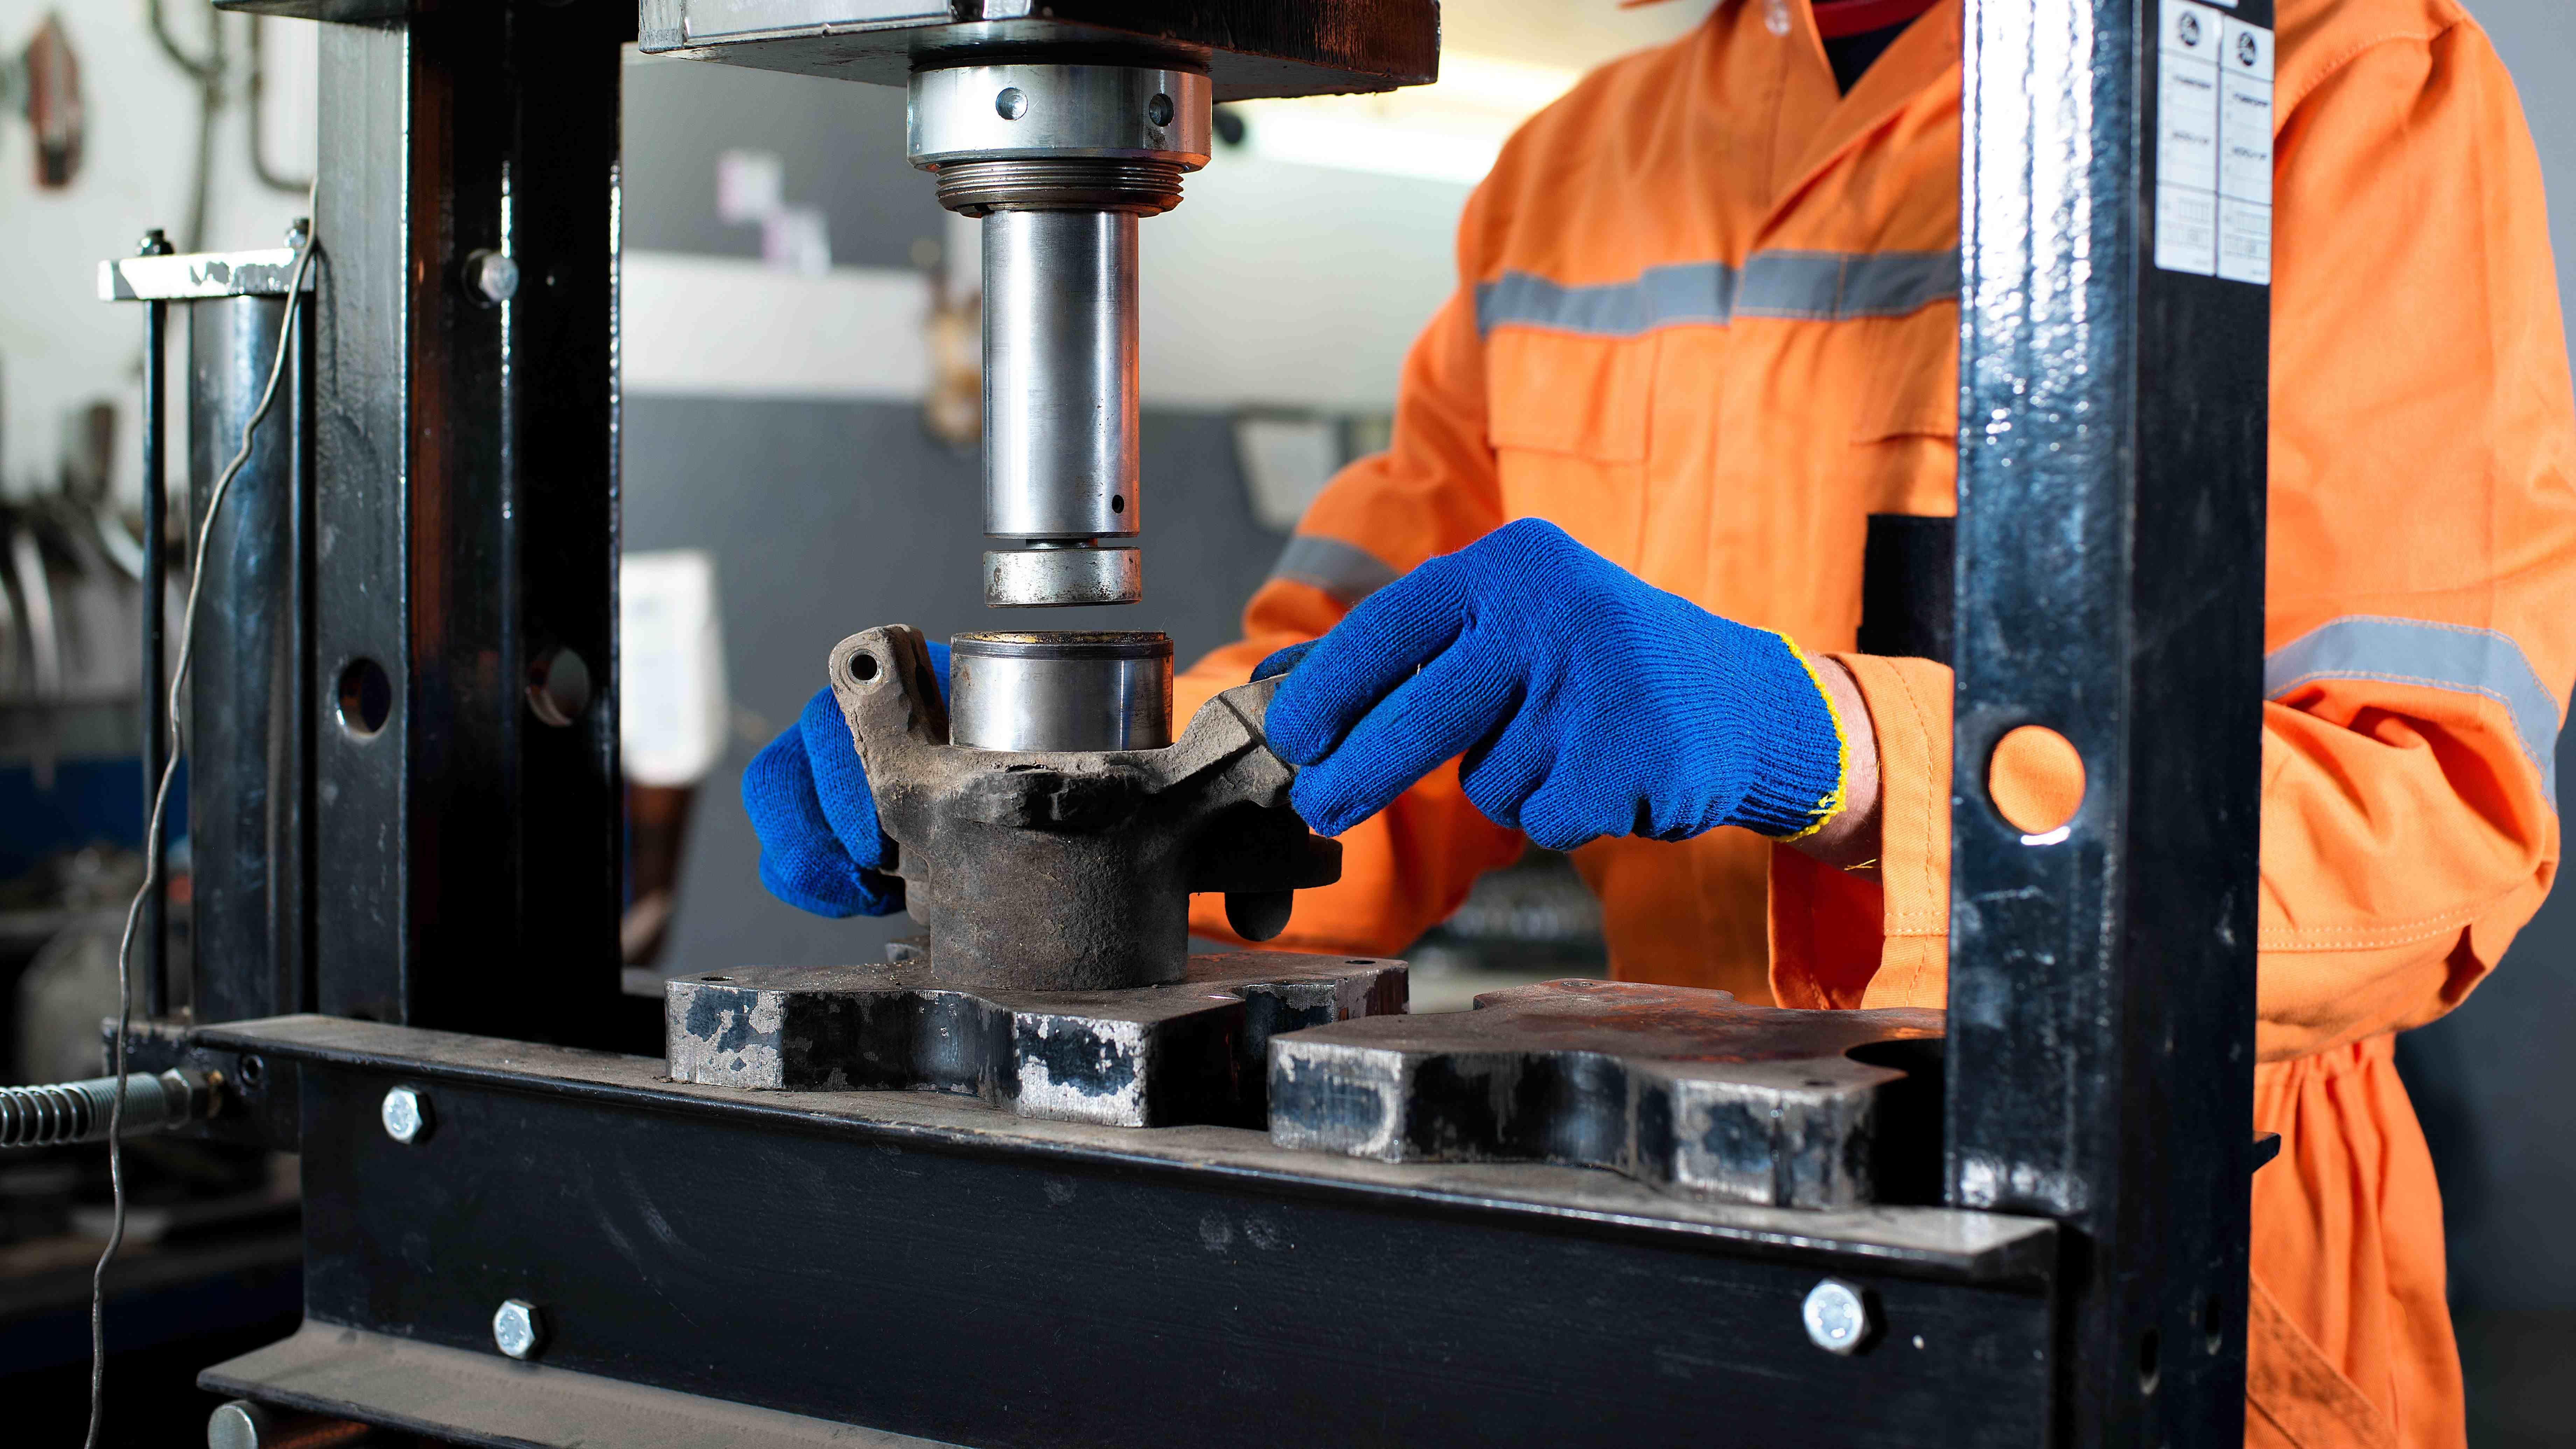 Hydraulic workshop press  buying guide